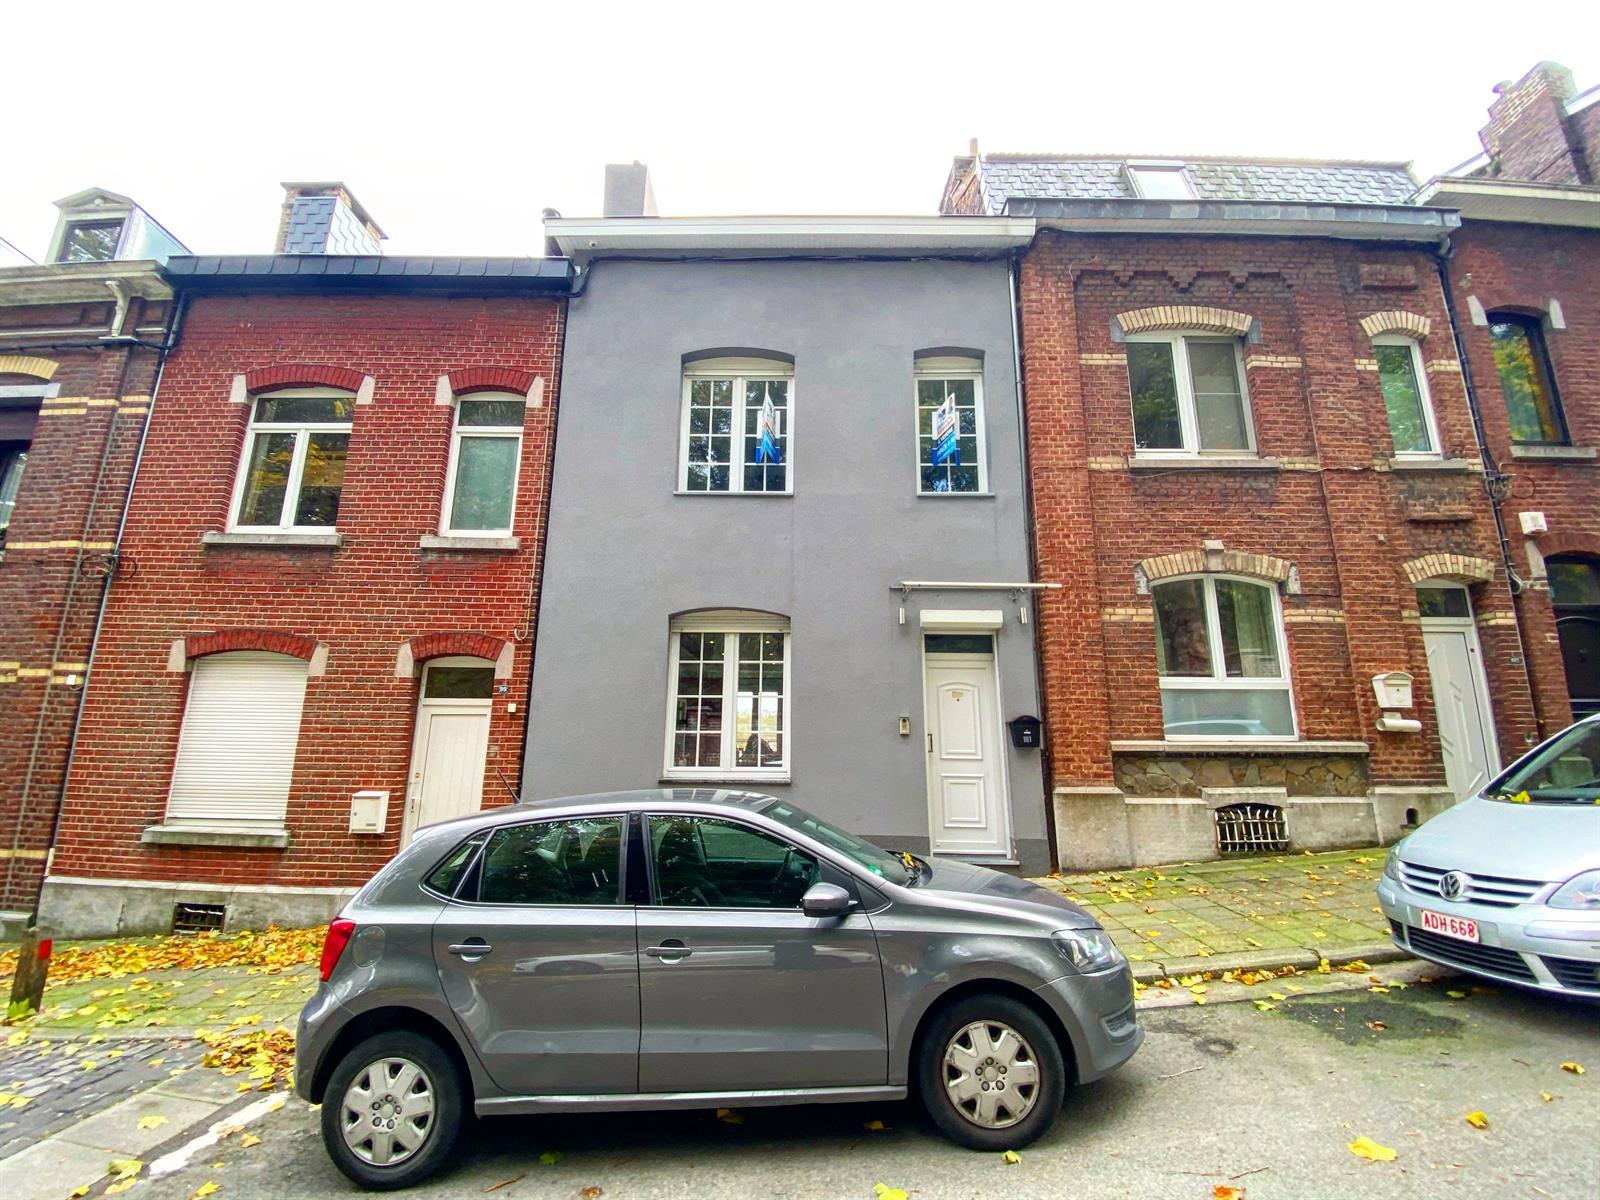 Maison unifamiliale - Liege - #4195357-0